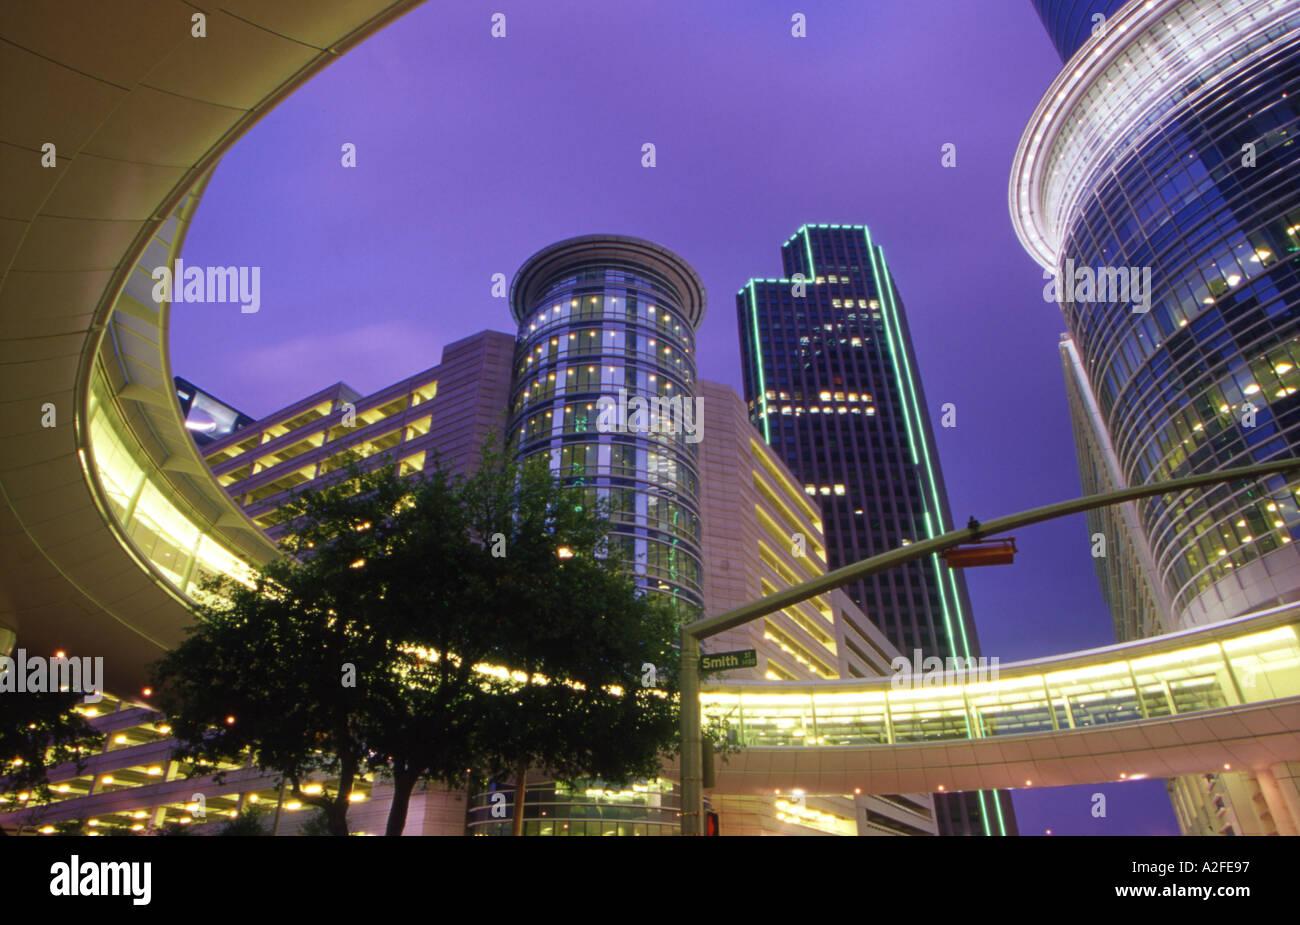 USA Texas Houston Enron tower and skybridge at night - Stock Image